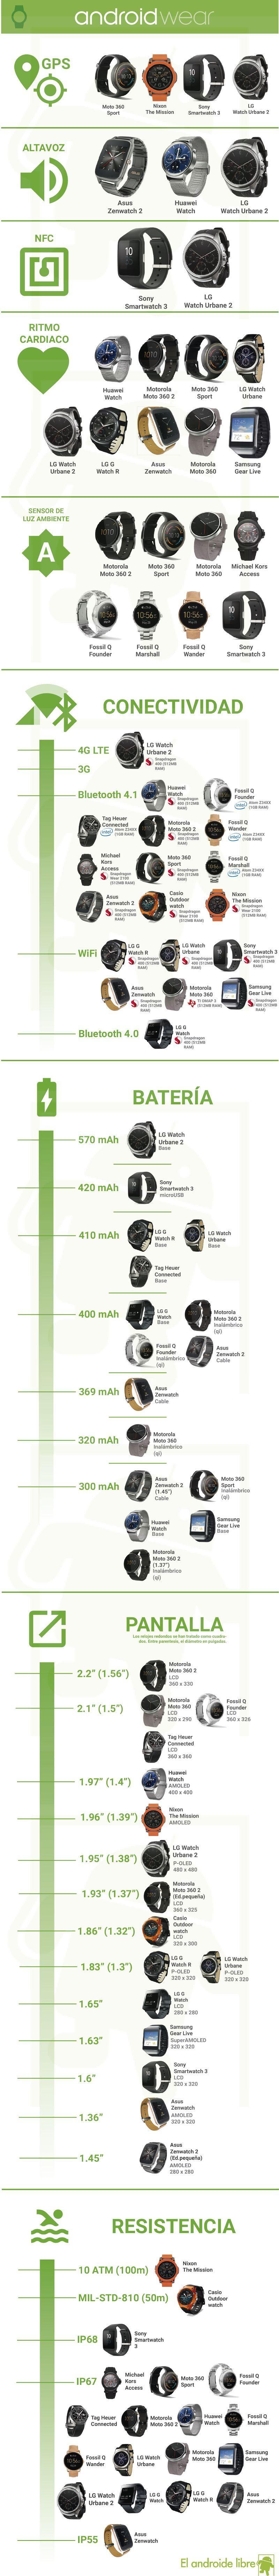 Comparativa de todos los smartwatches con Android Wear2 Comparativa de todos los smartwatches con Android Wear